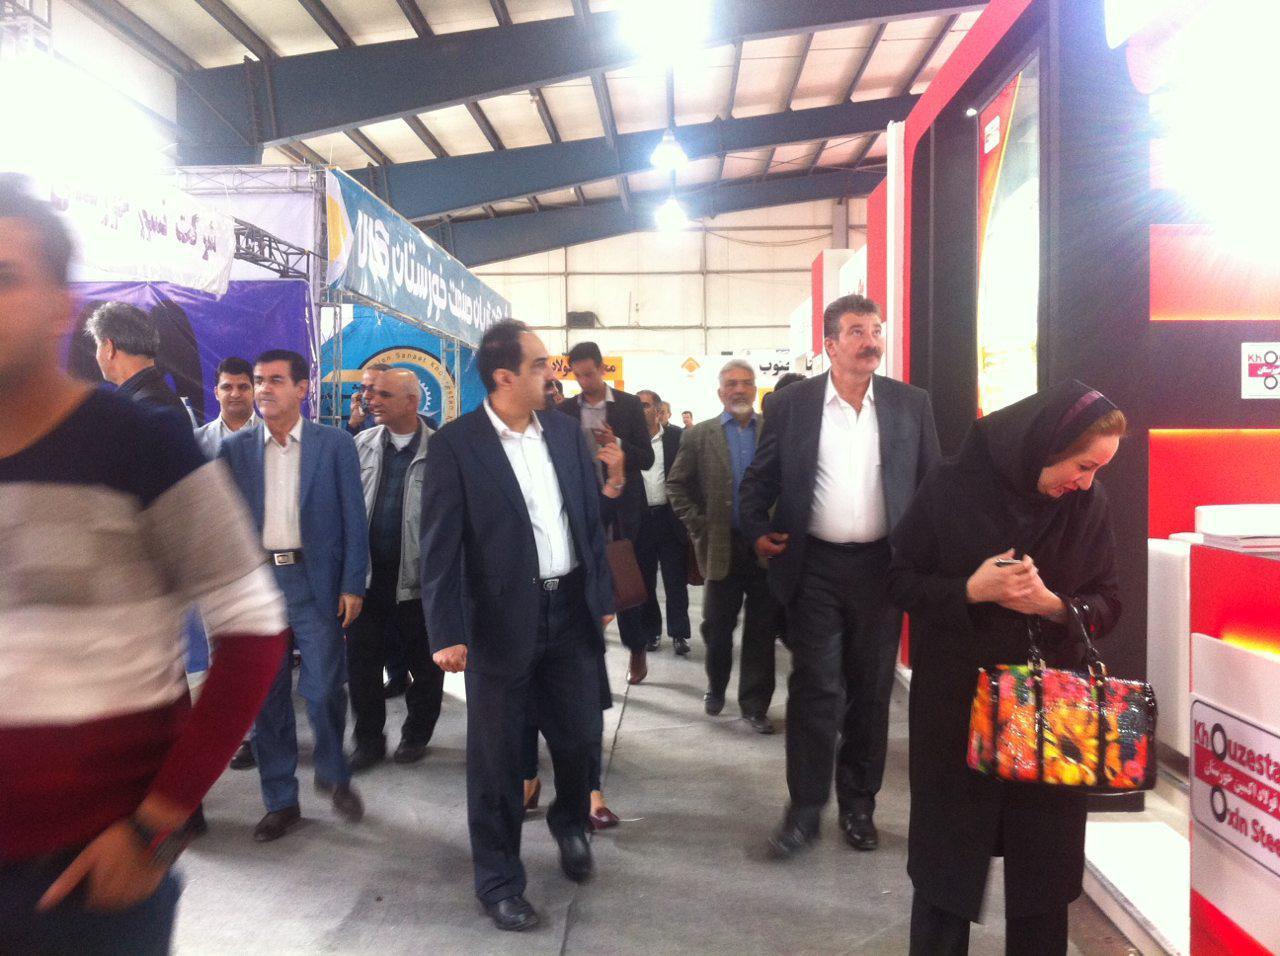 دومین نمایشگاه متالورژی، فولاد و صنایع وابسته در اهواز گشایش یافت